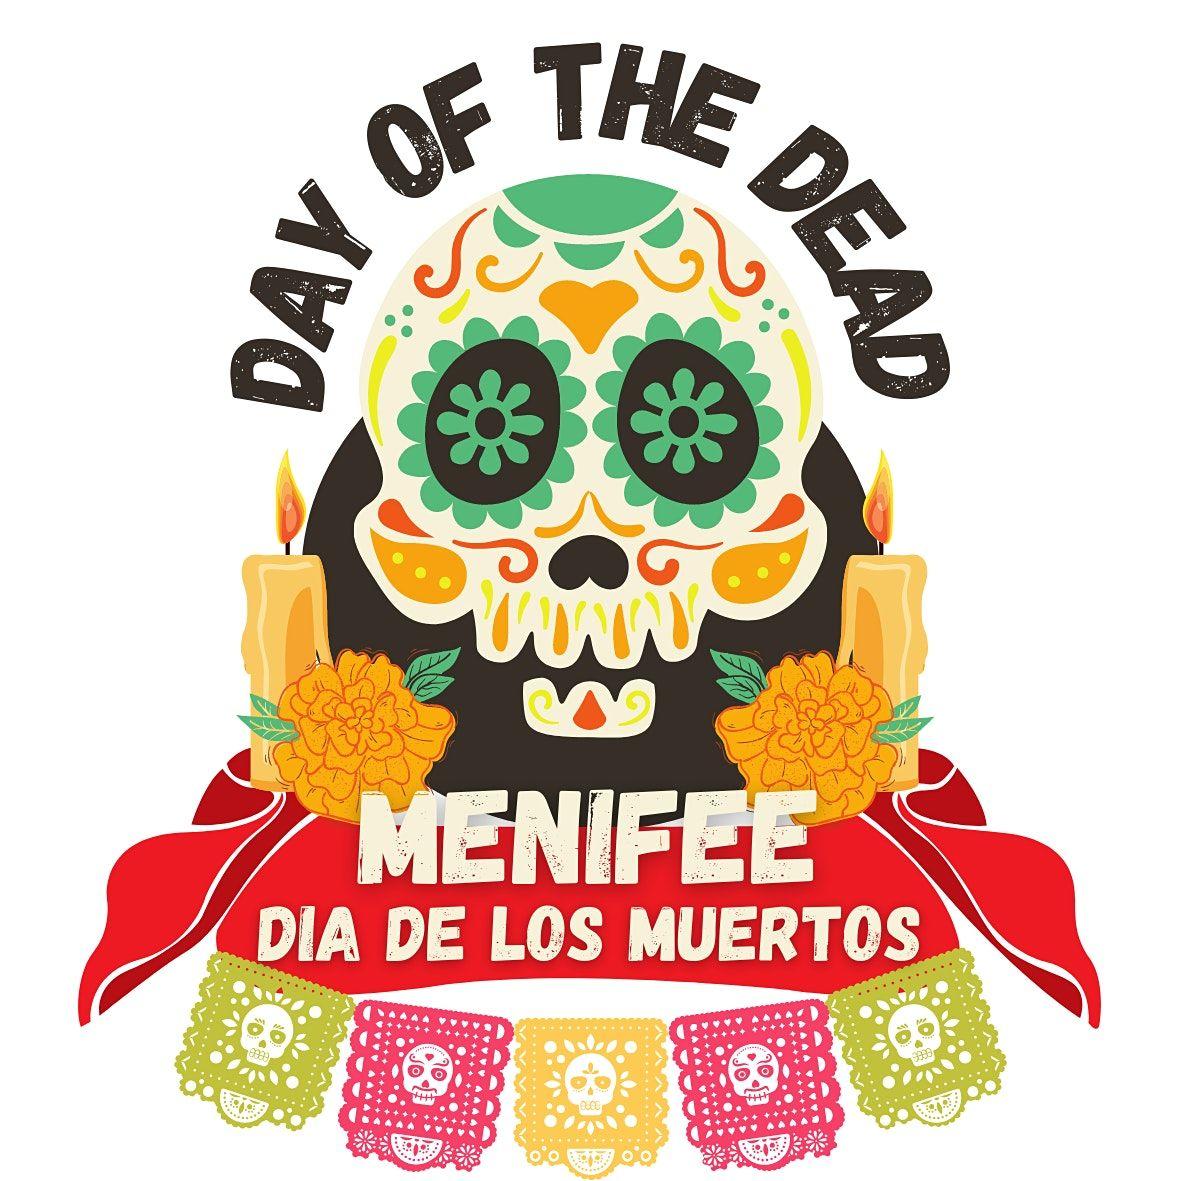 Dia De Los Muertos - Day of the Dead Cultural Event